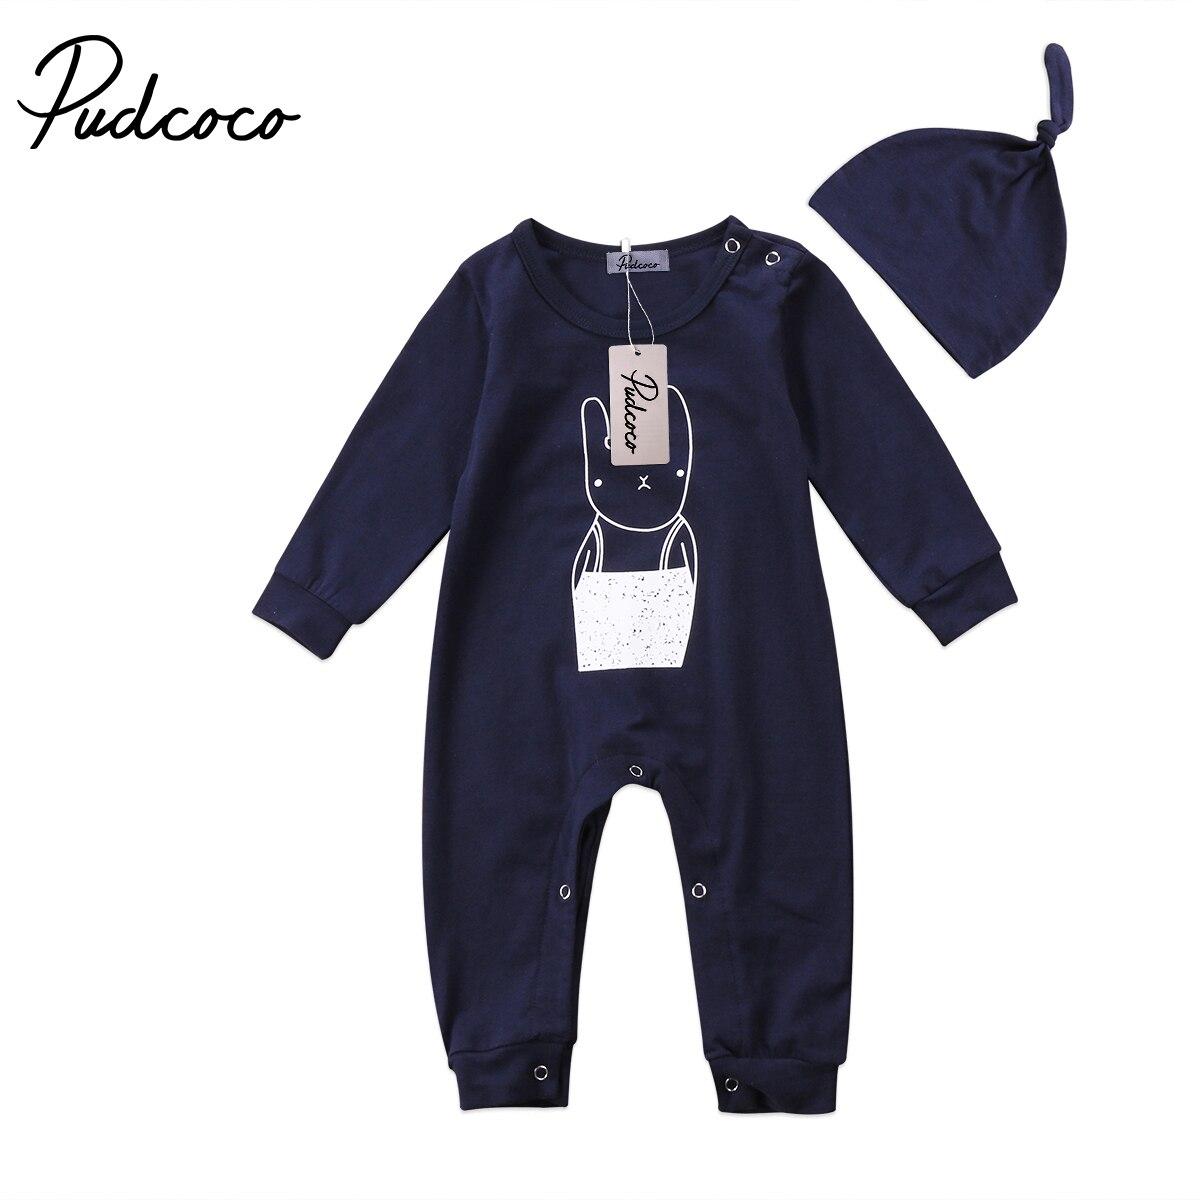 Affidabile Newborn Baby Boy Ragazze Coniglio Pagliaccetto Vestiti Di Cotone Outfit Tuta Tuta Bambino Vestiti Del Bambino Vestiti Del Bambino